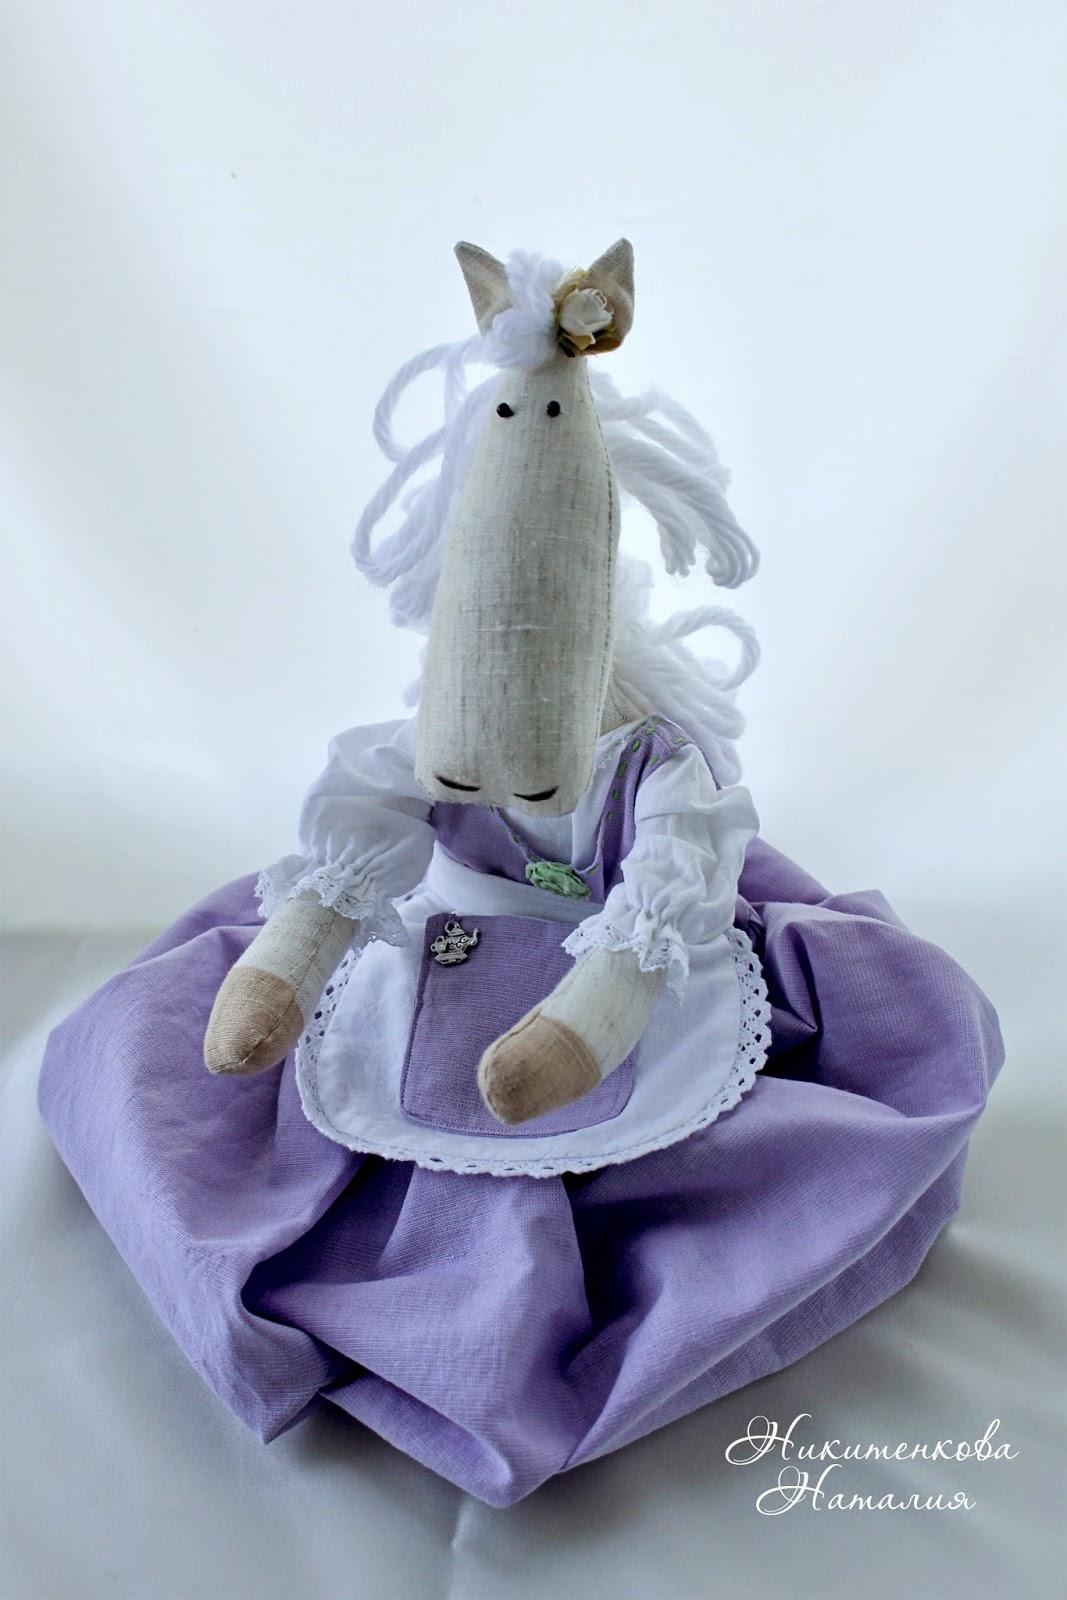 пакетница, лошадка, лошадь, стиль прованс, для кухни, подарок к Новому году, новогодний подарок, подарок маме, подарок женщине, подарок на 8 марта, восьмое марта